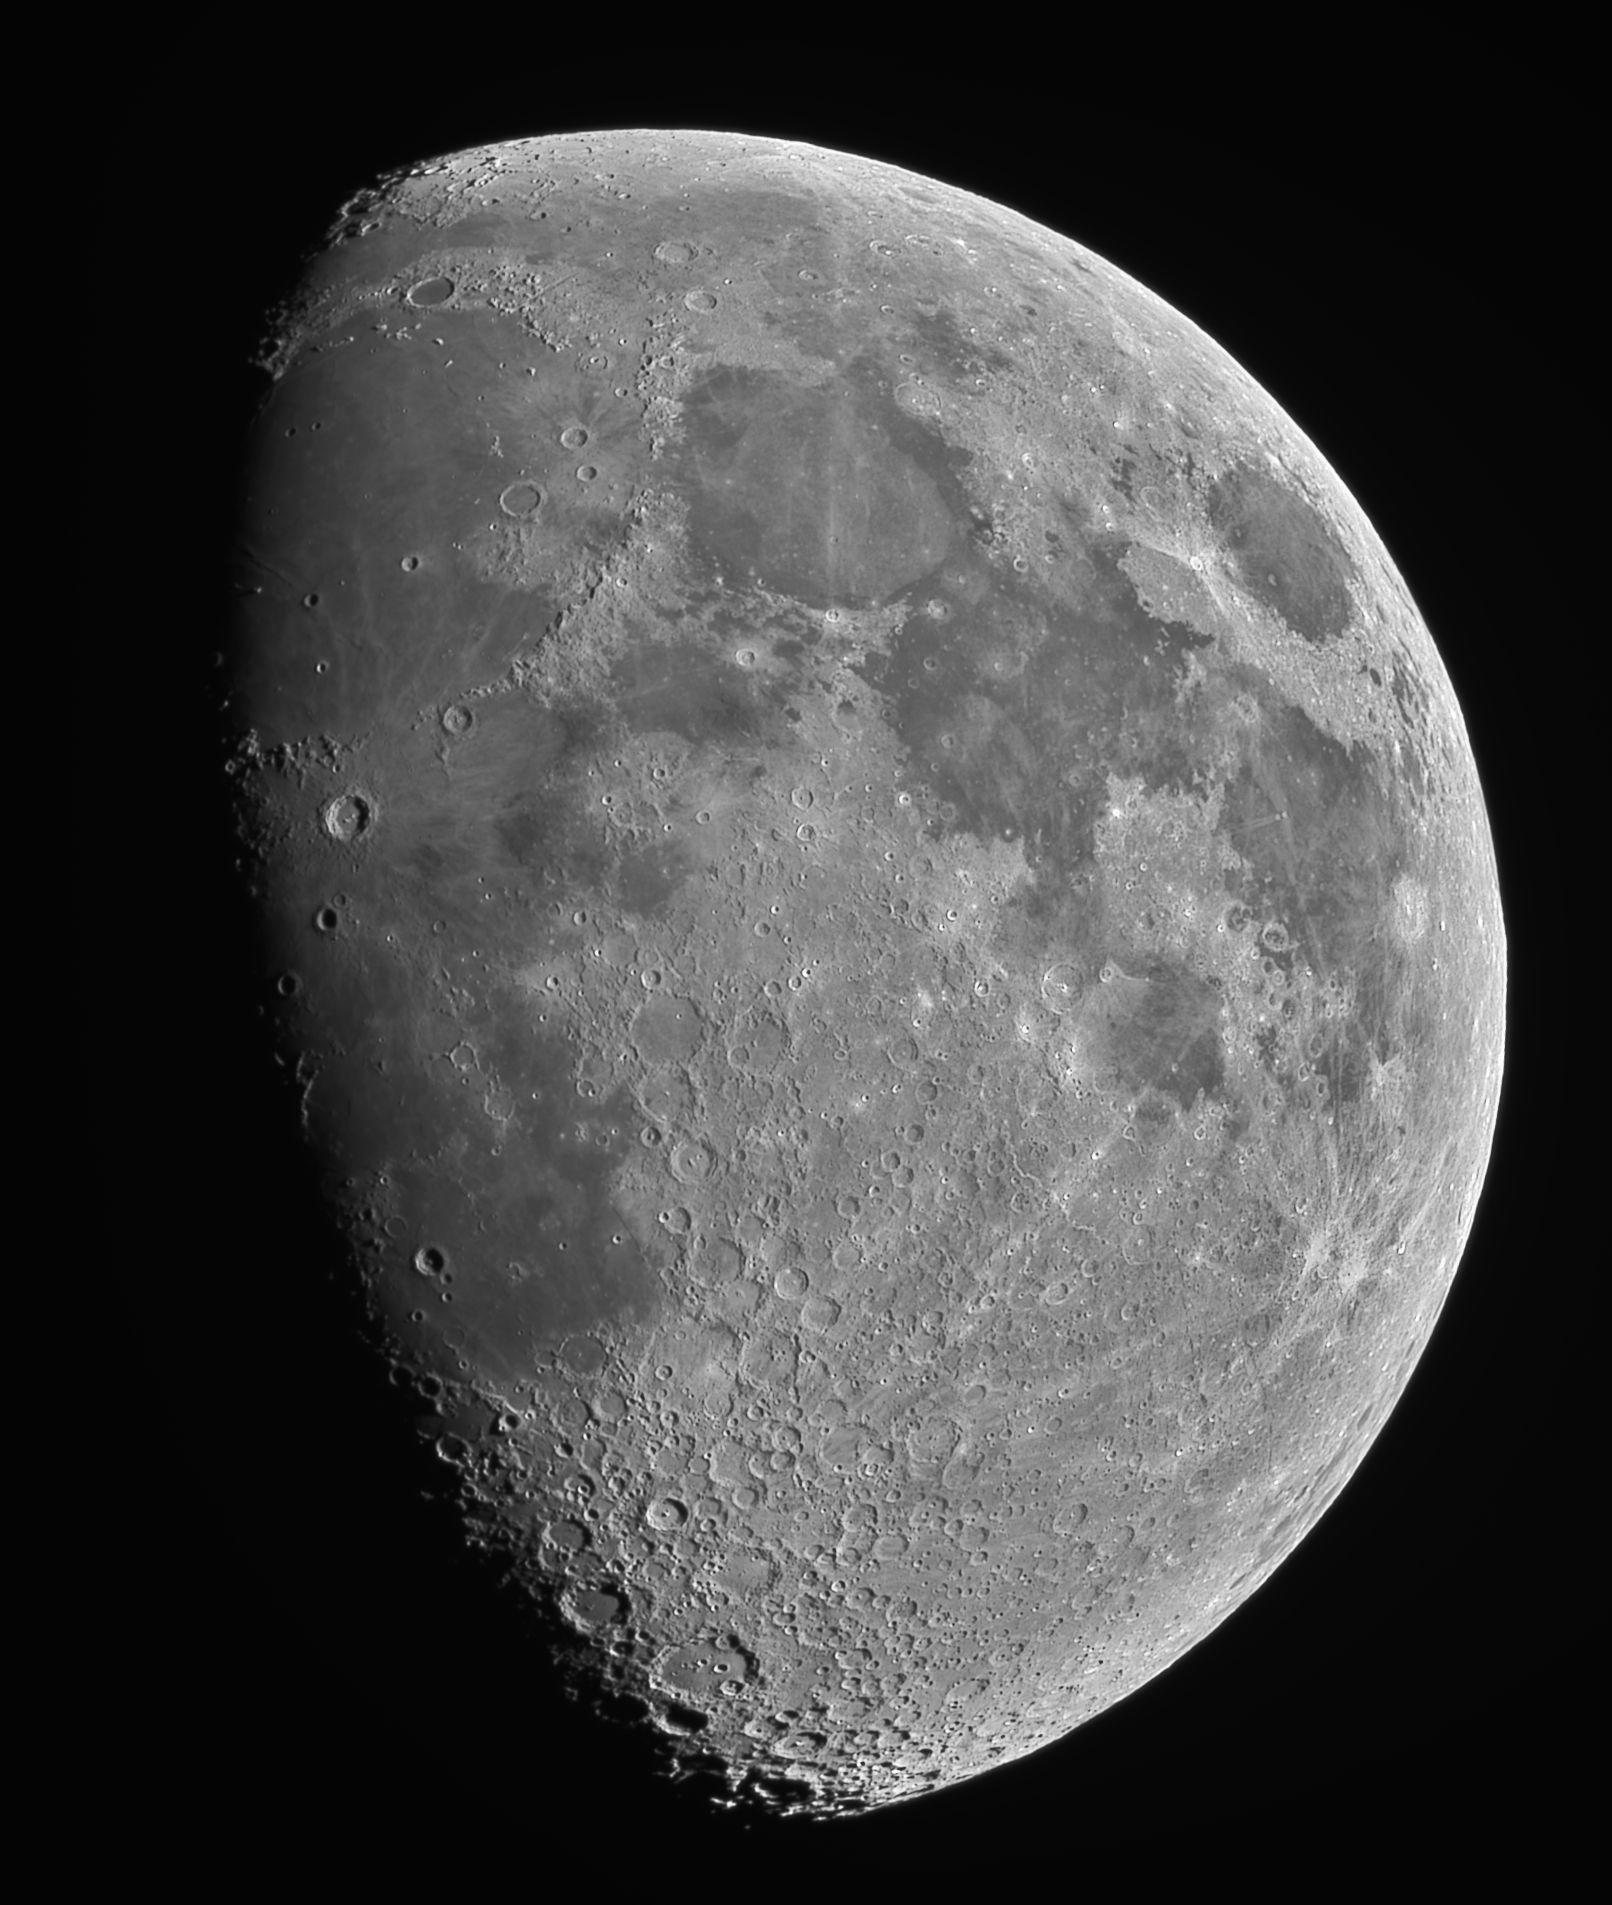 The Moon, May 31, 2020